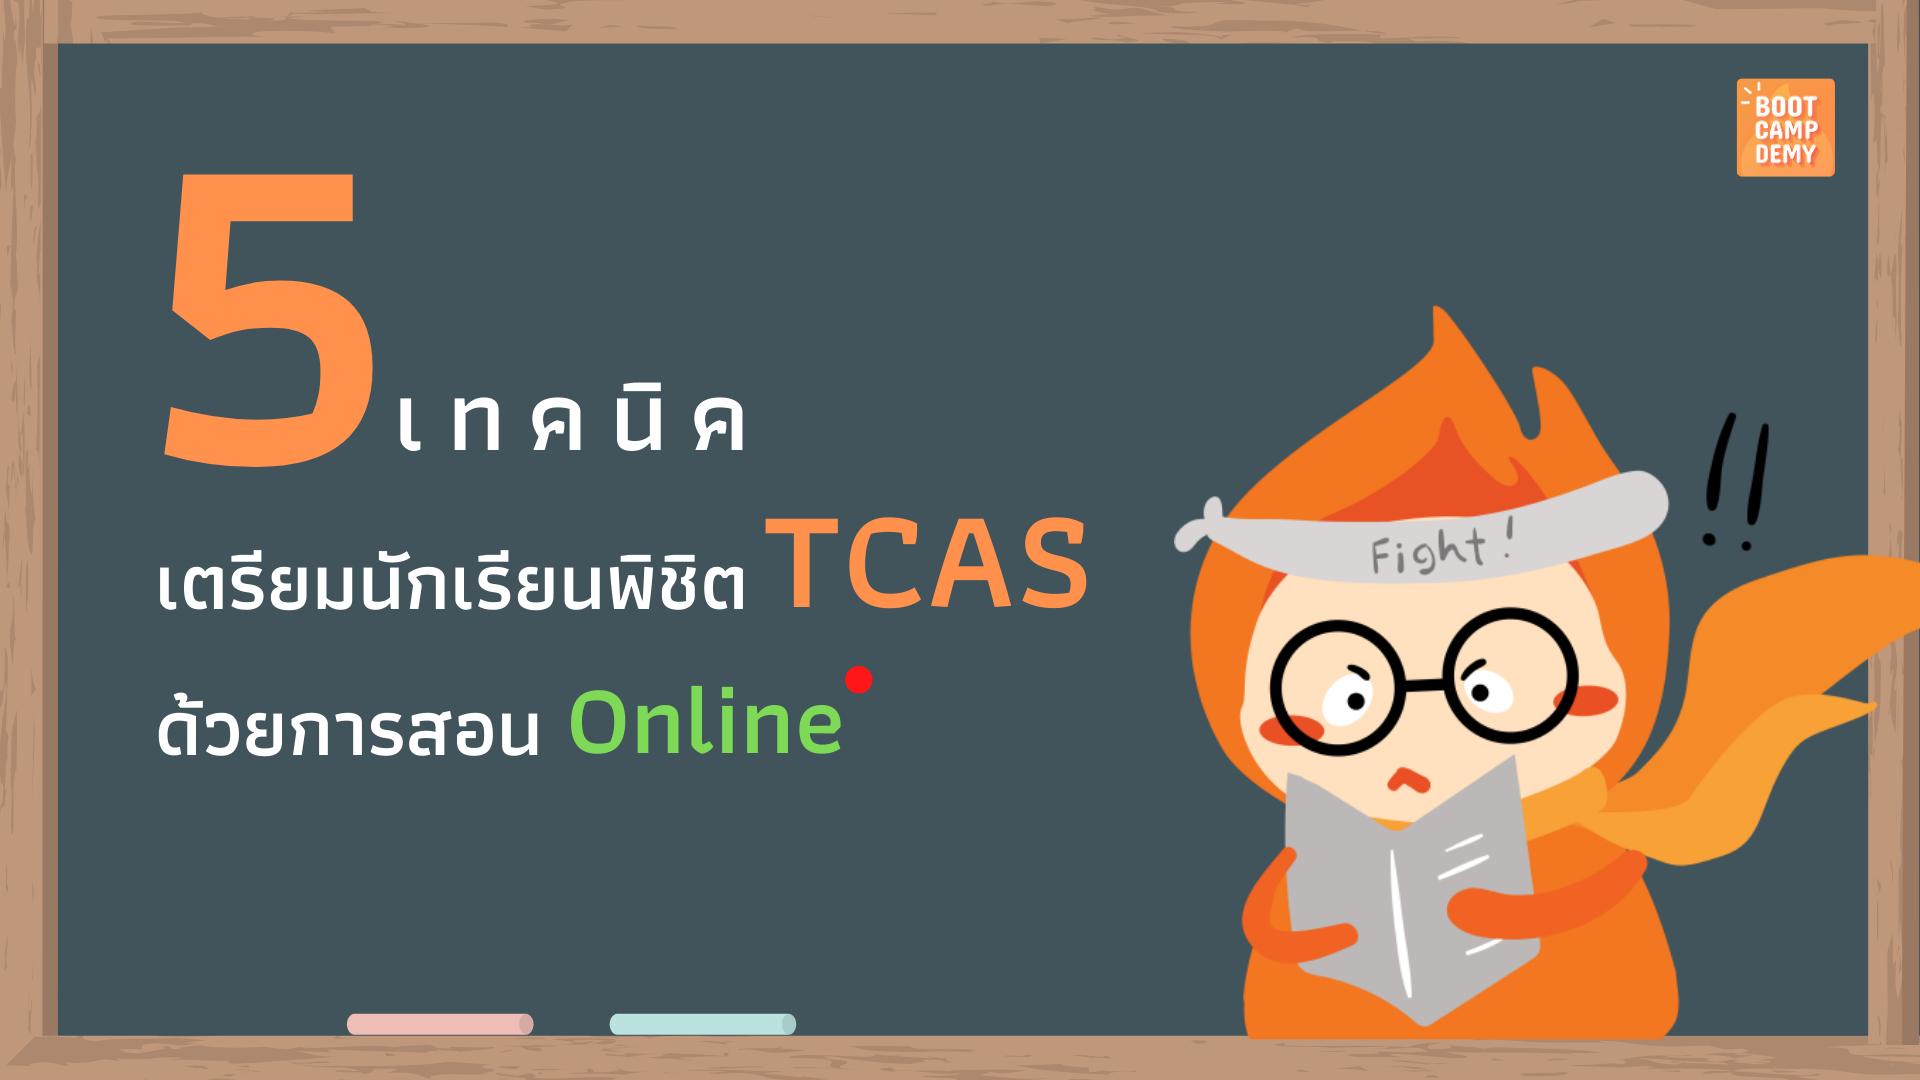 5 เทคนิคเตรียมนักเรียนพิชิต TCAS ด้วยการสอน Online